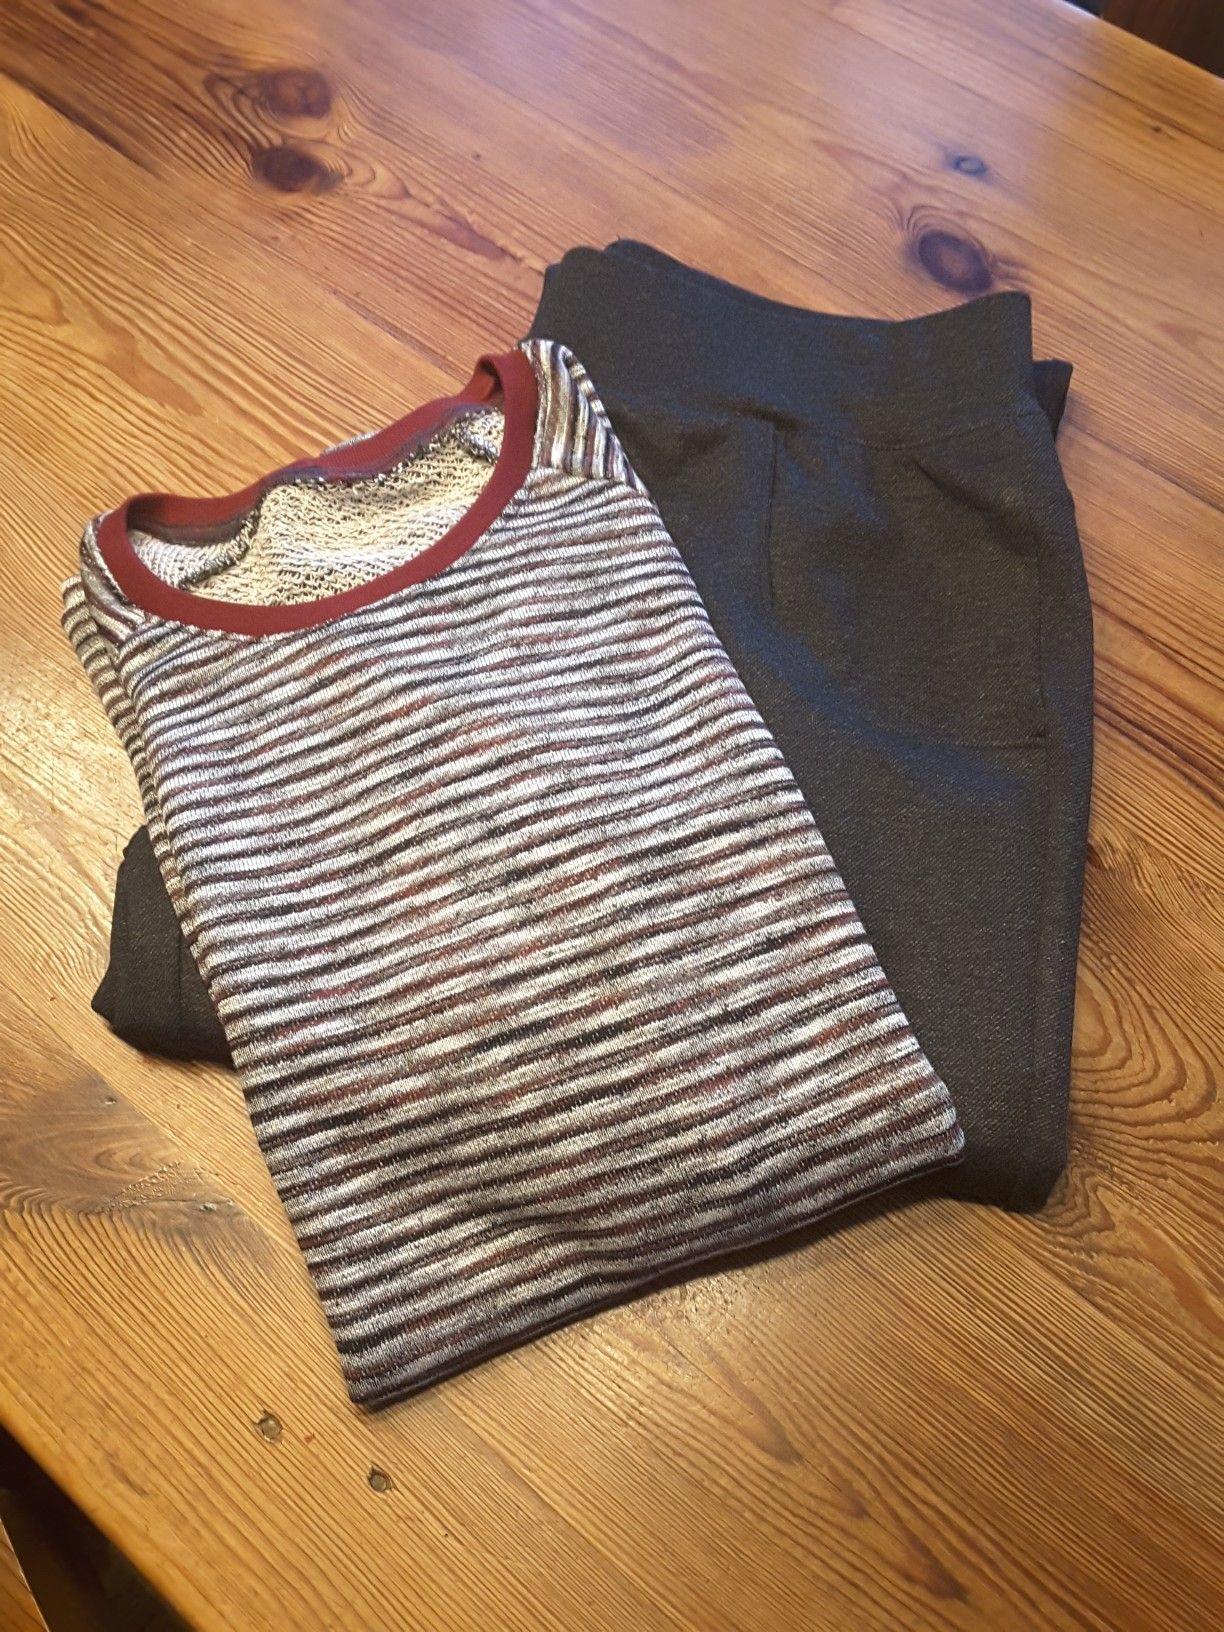 Geklede Joggingbroek.Geklede Joggingbroek En T Shirt 1 Mijn Zelfgemaakte Naai